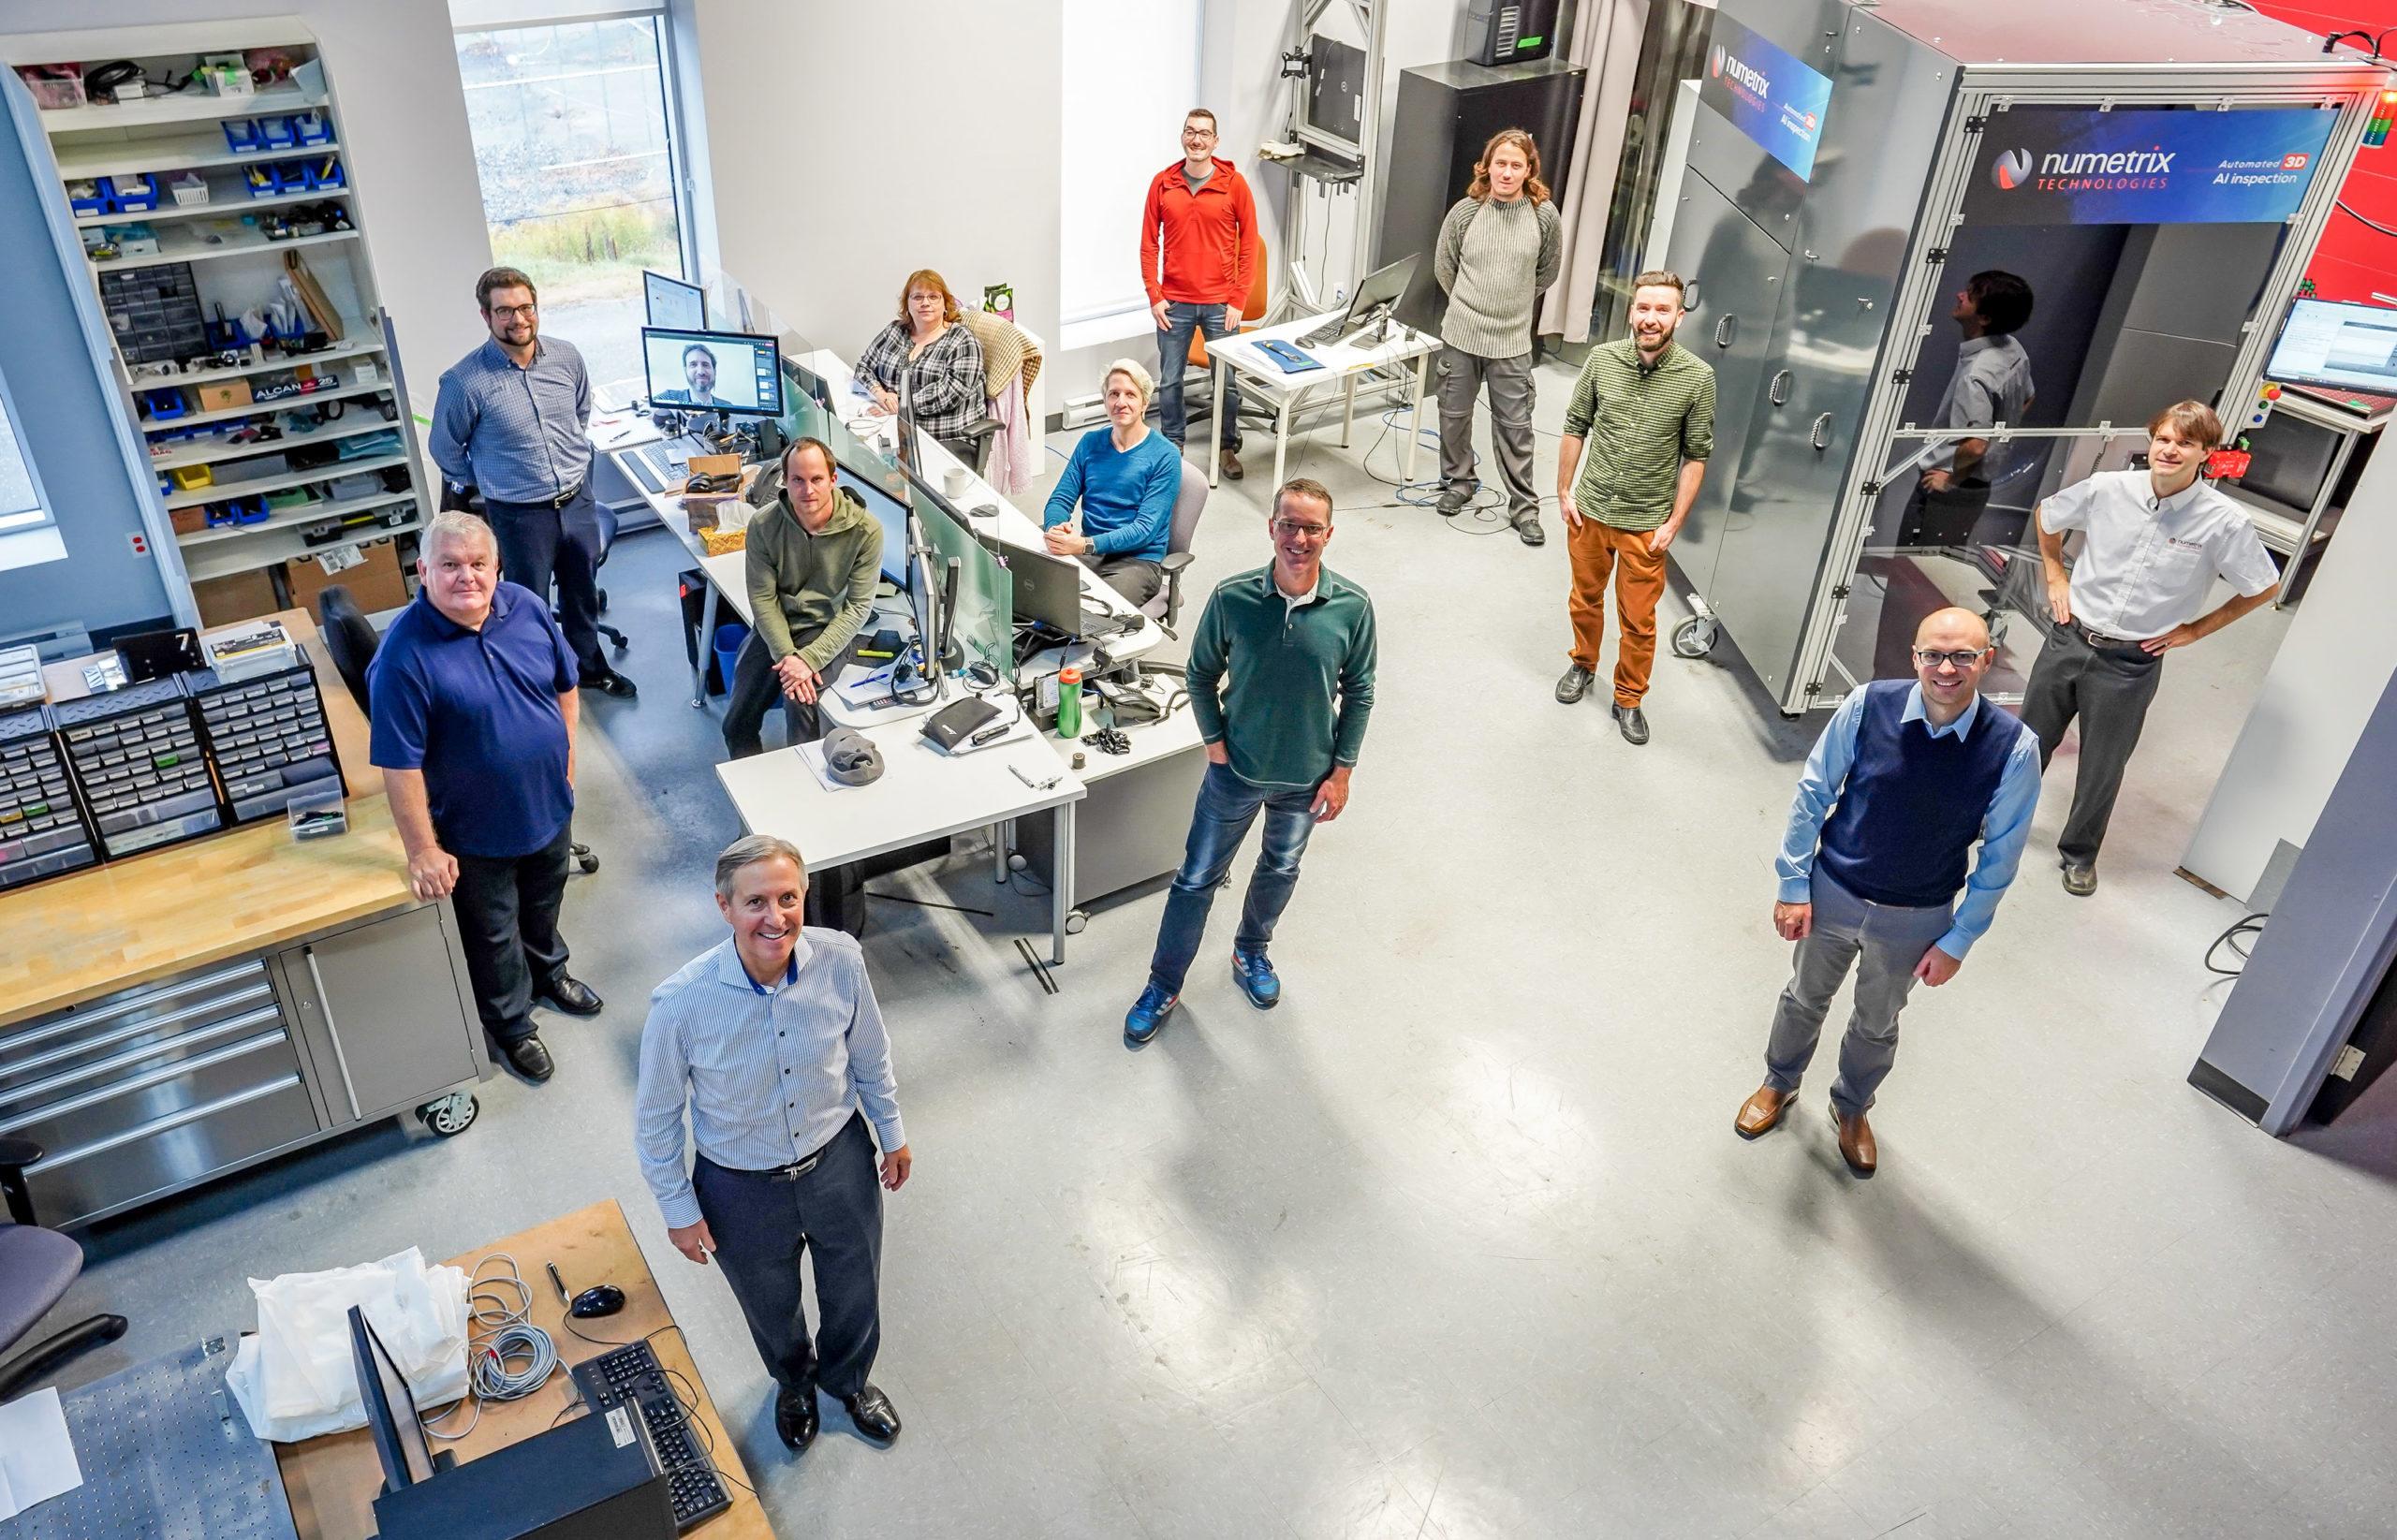 Équipe de Numetrix Technologies